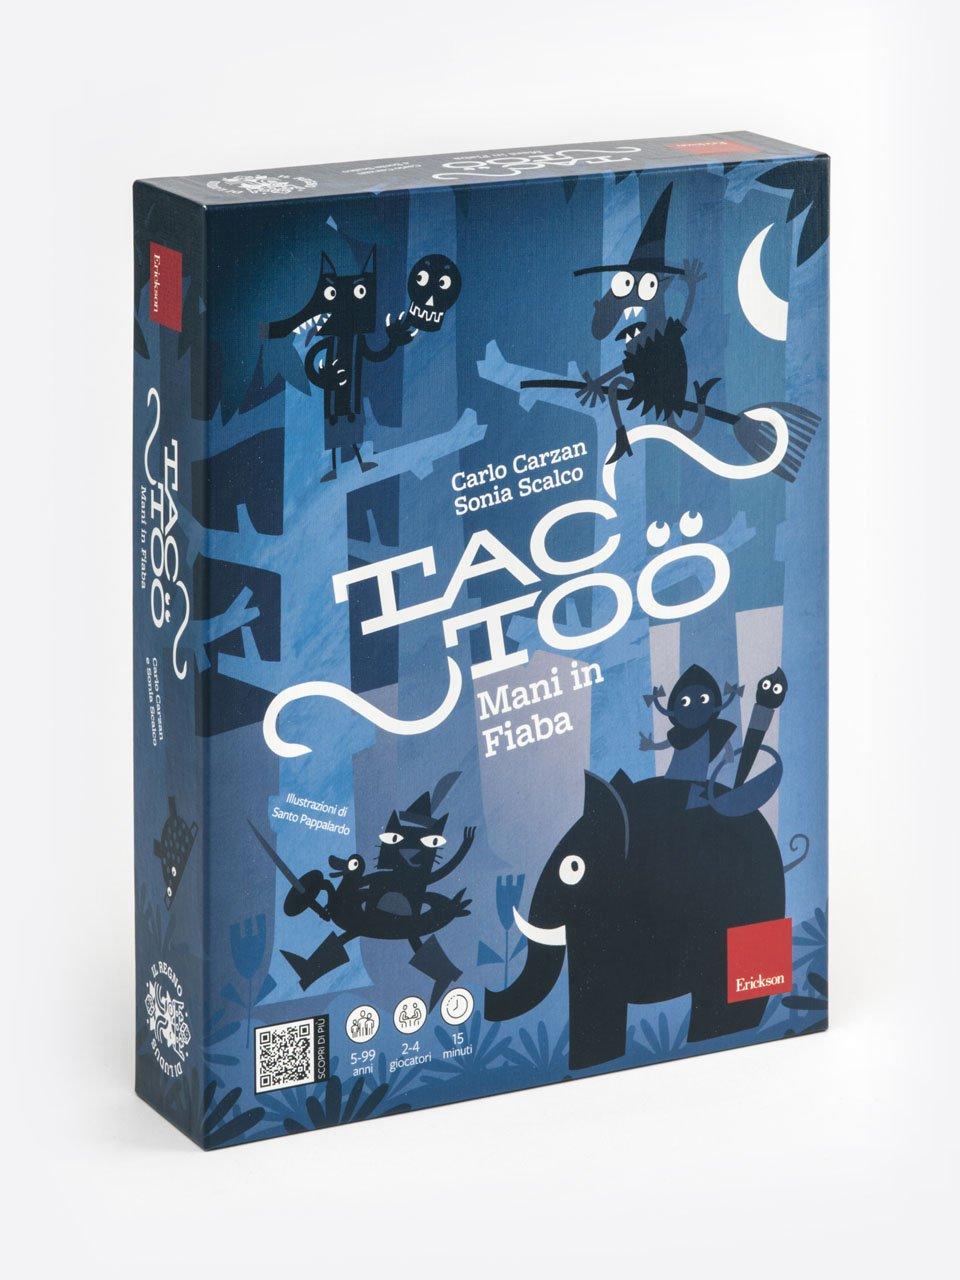 TACTOO - Giochi Educativi, istruttivi e divertenti per bambini - Erickson